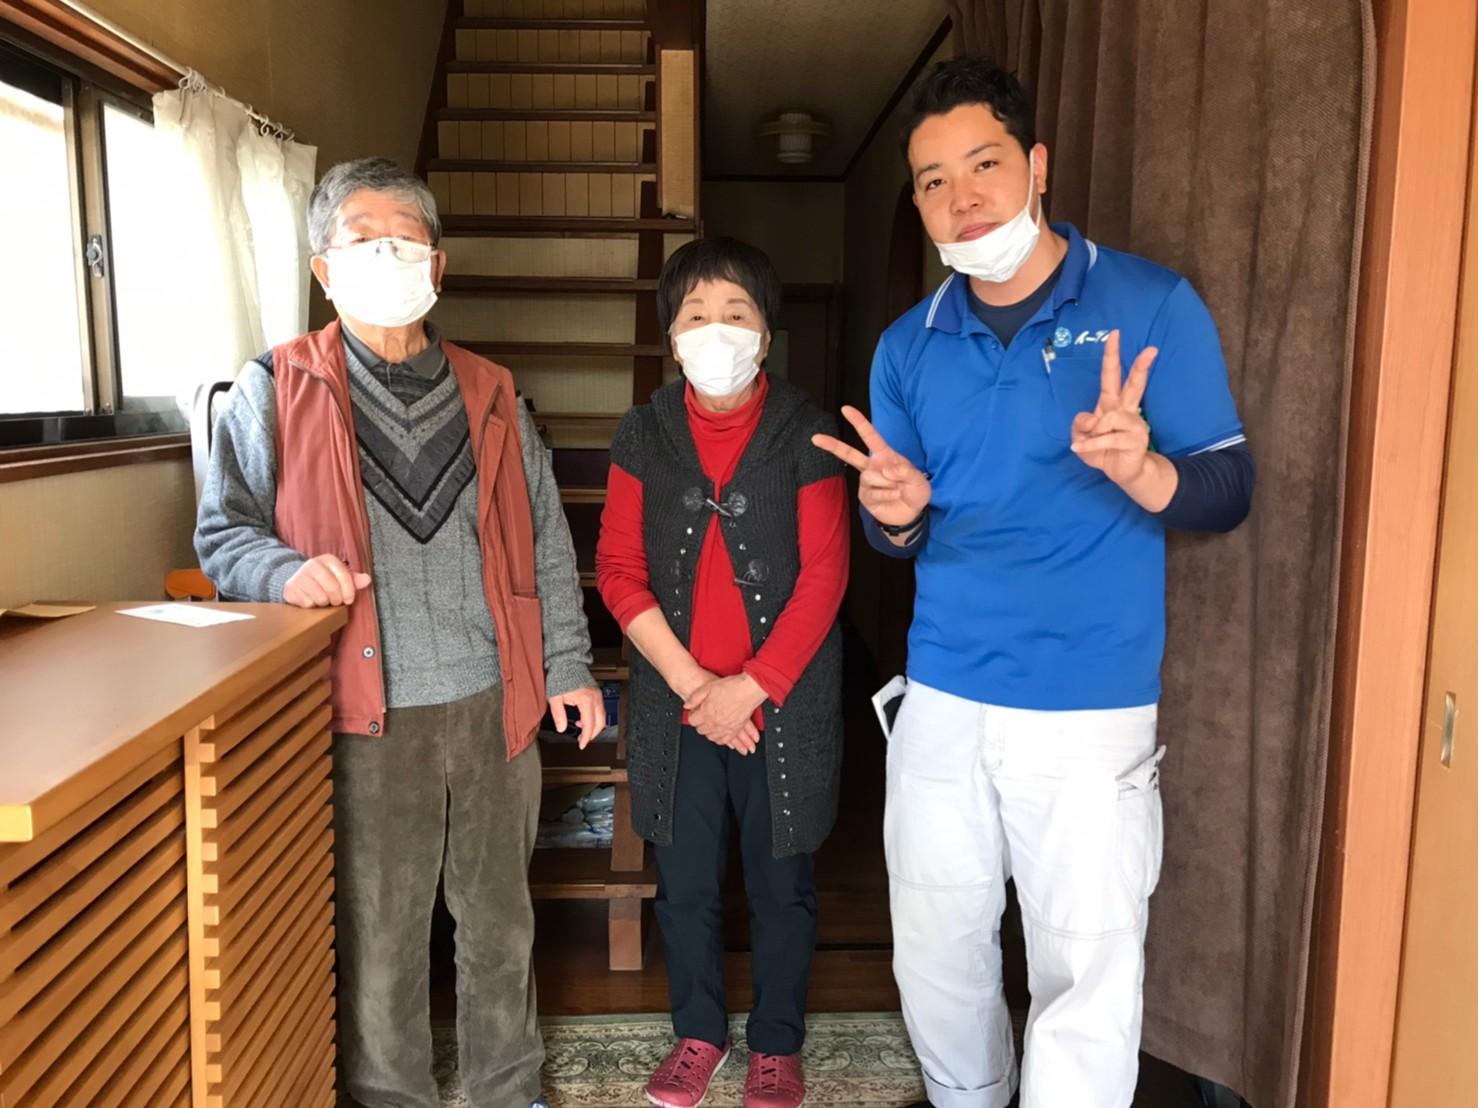 2020年5月7日大阪府大阪市住吉区で退居に伴い不用品の処分と家具の運搬をイーブイでご依頼頂きました。